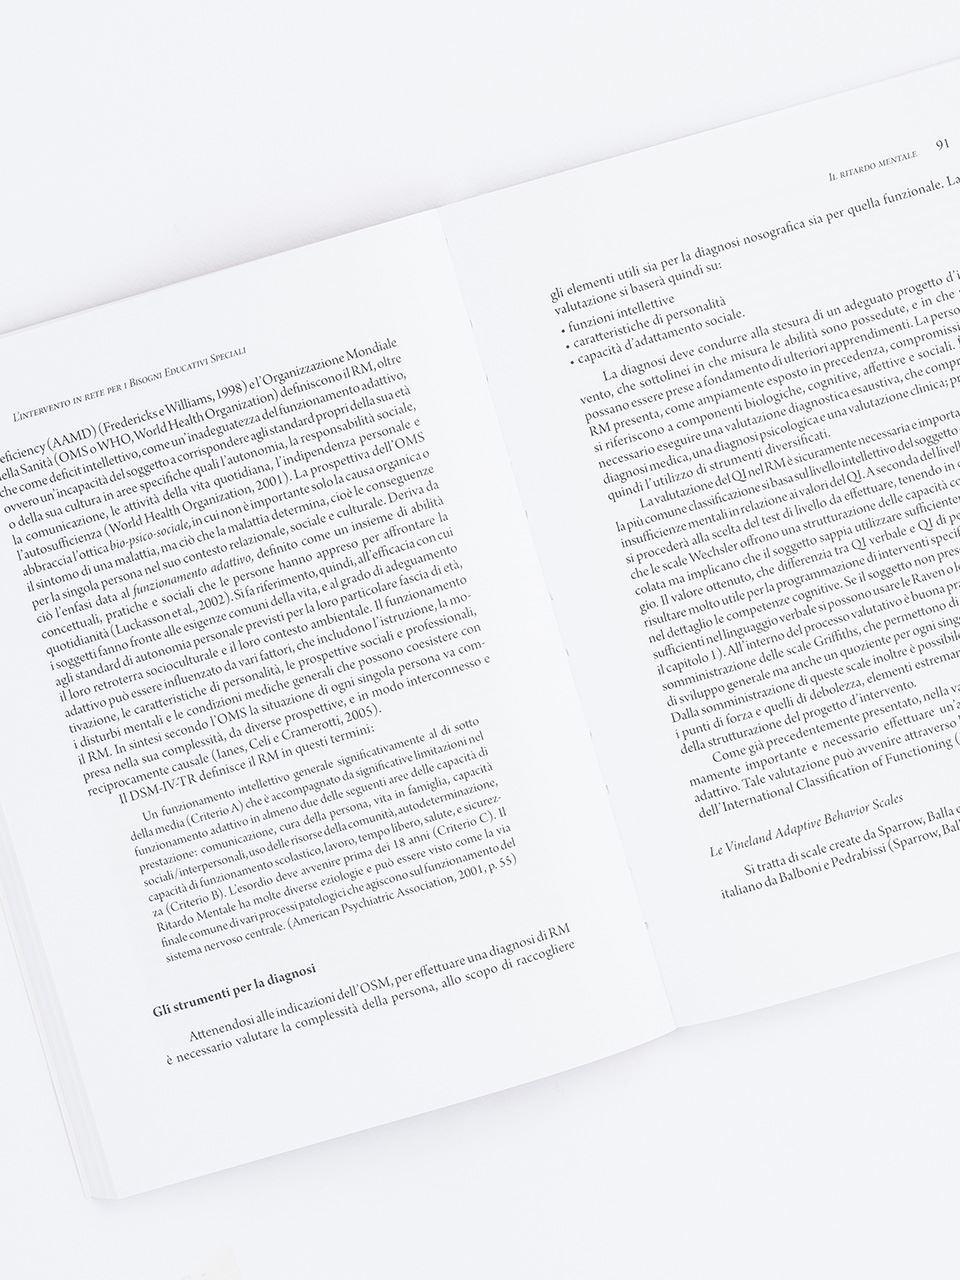 L'intervento in rete per i Bisogni Educativi Speci - Libri - Erickson 2